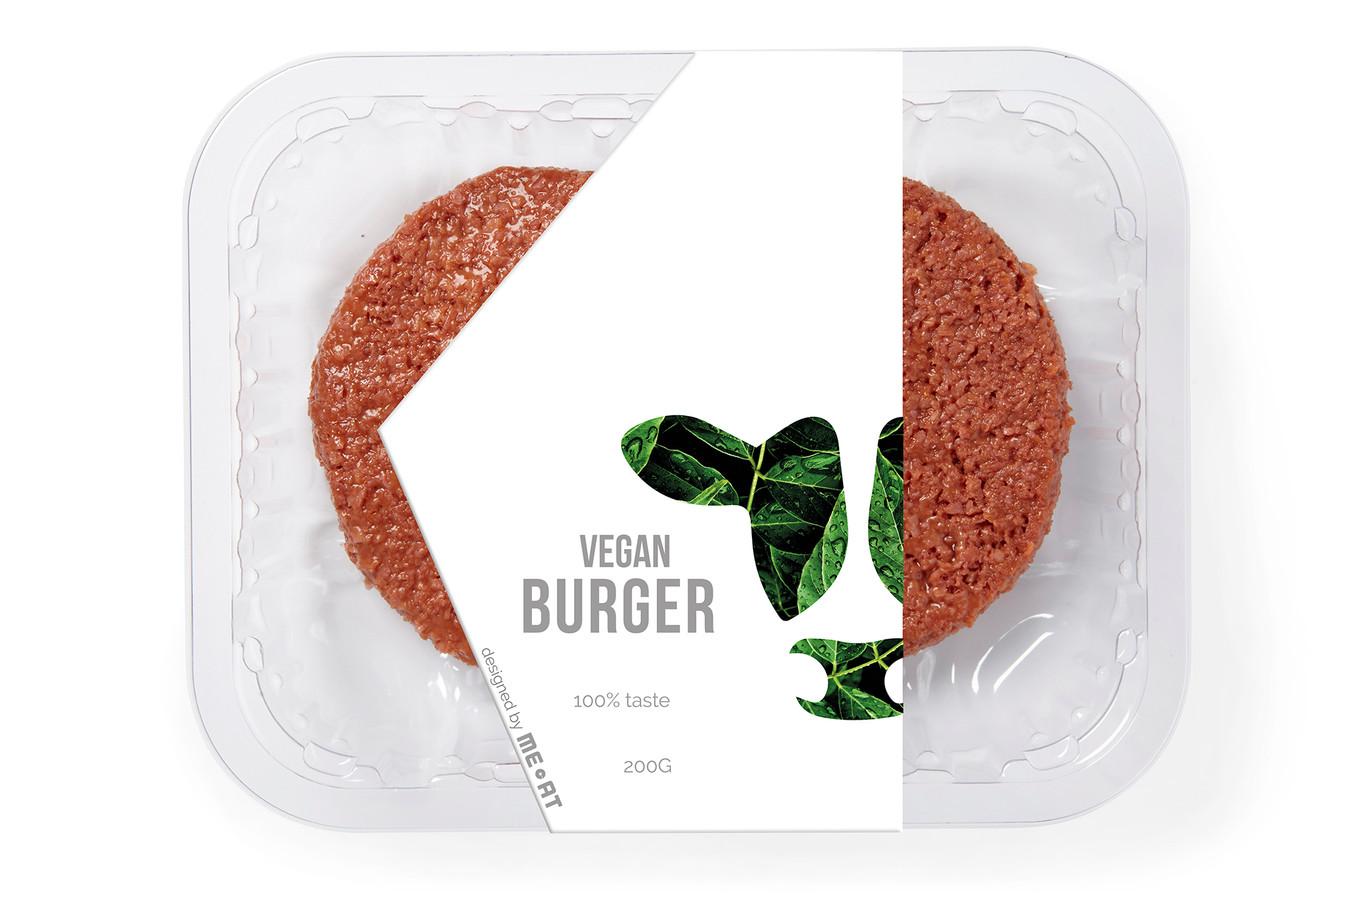 De Vegan Burger van Vion. De Boxtelse vleesgigant gaat ze in Leeuwarden produceren.